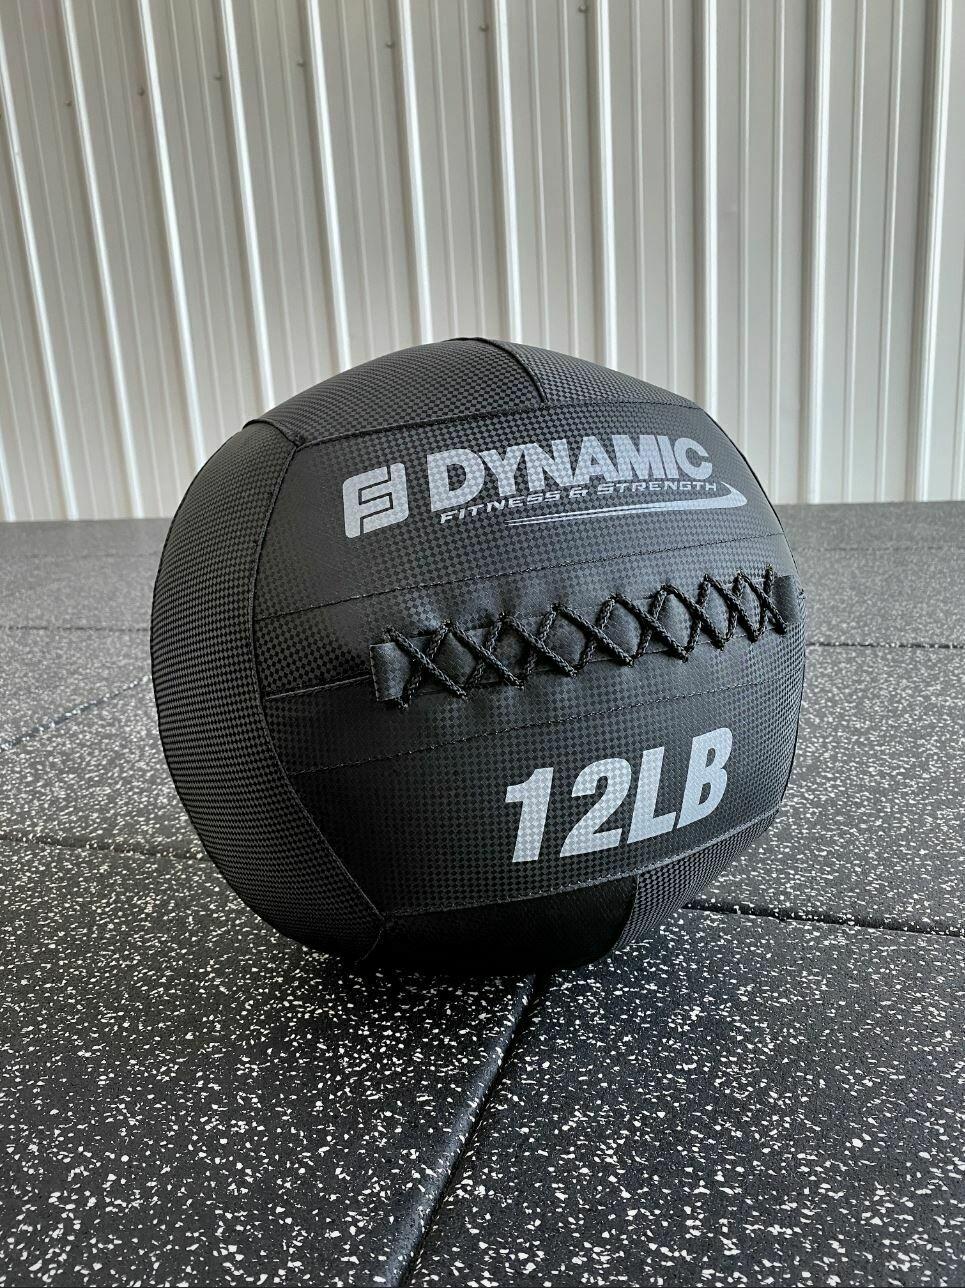 30LB Wall Ball